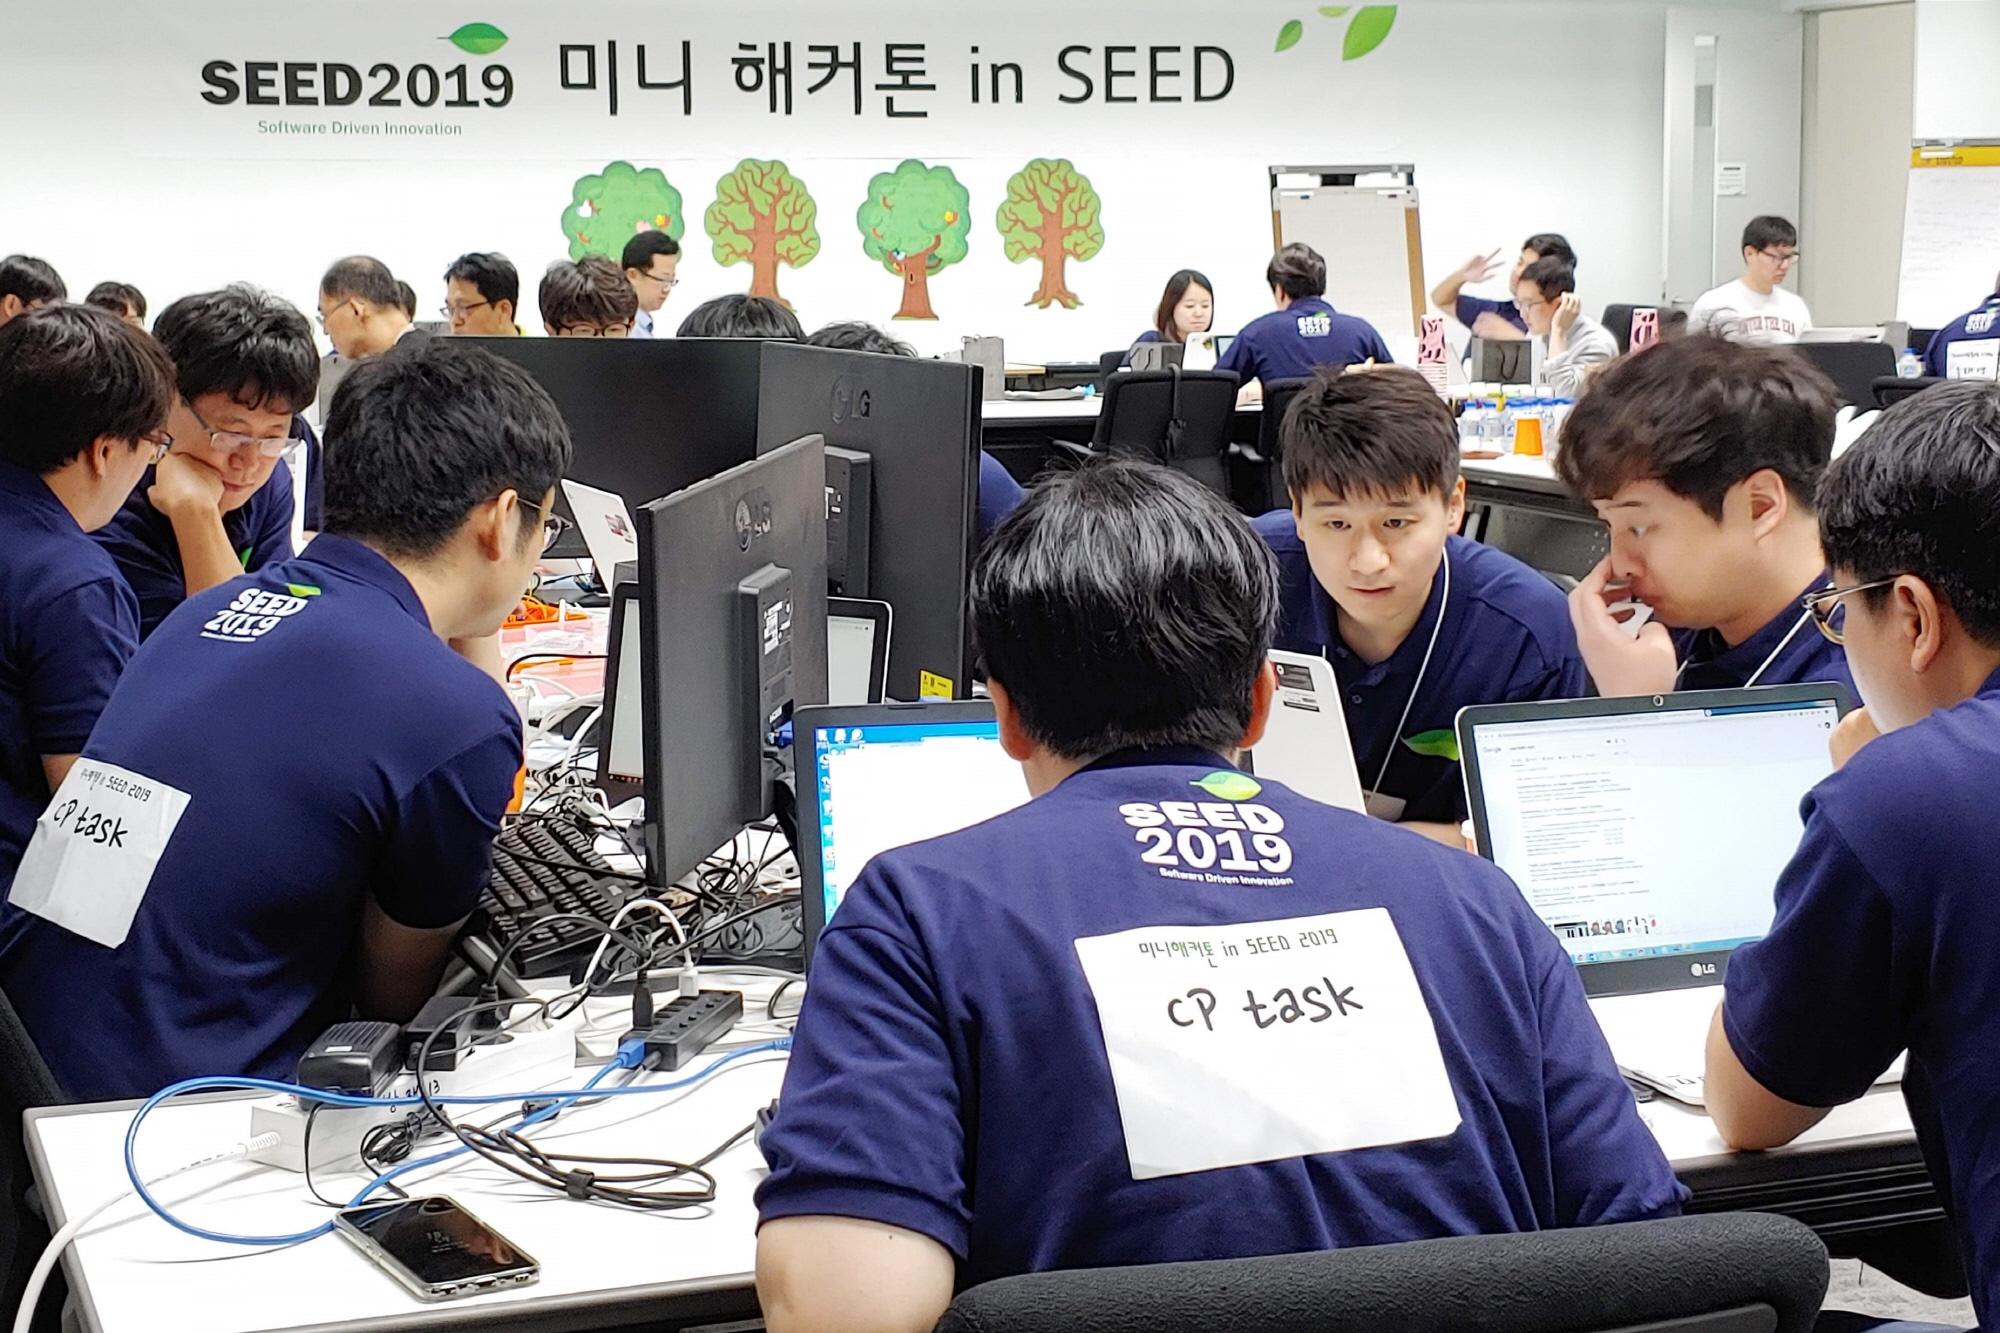 LG전자가 25일 서울 서초구 양재동에 위치한 서초R&D캠퍼스에서 '소프트웨어 개발자의 날 2019'를 개최했다. 개발자들이 해커톤에 참여하고 있다.